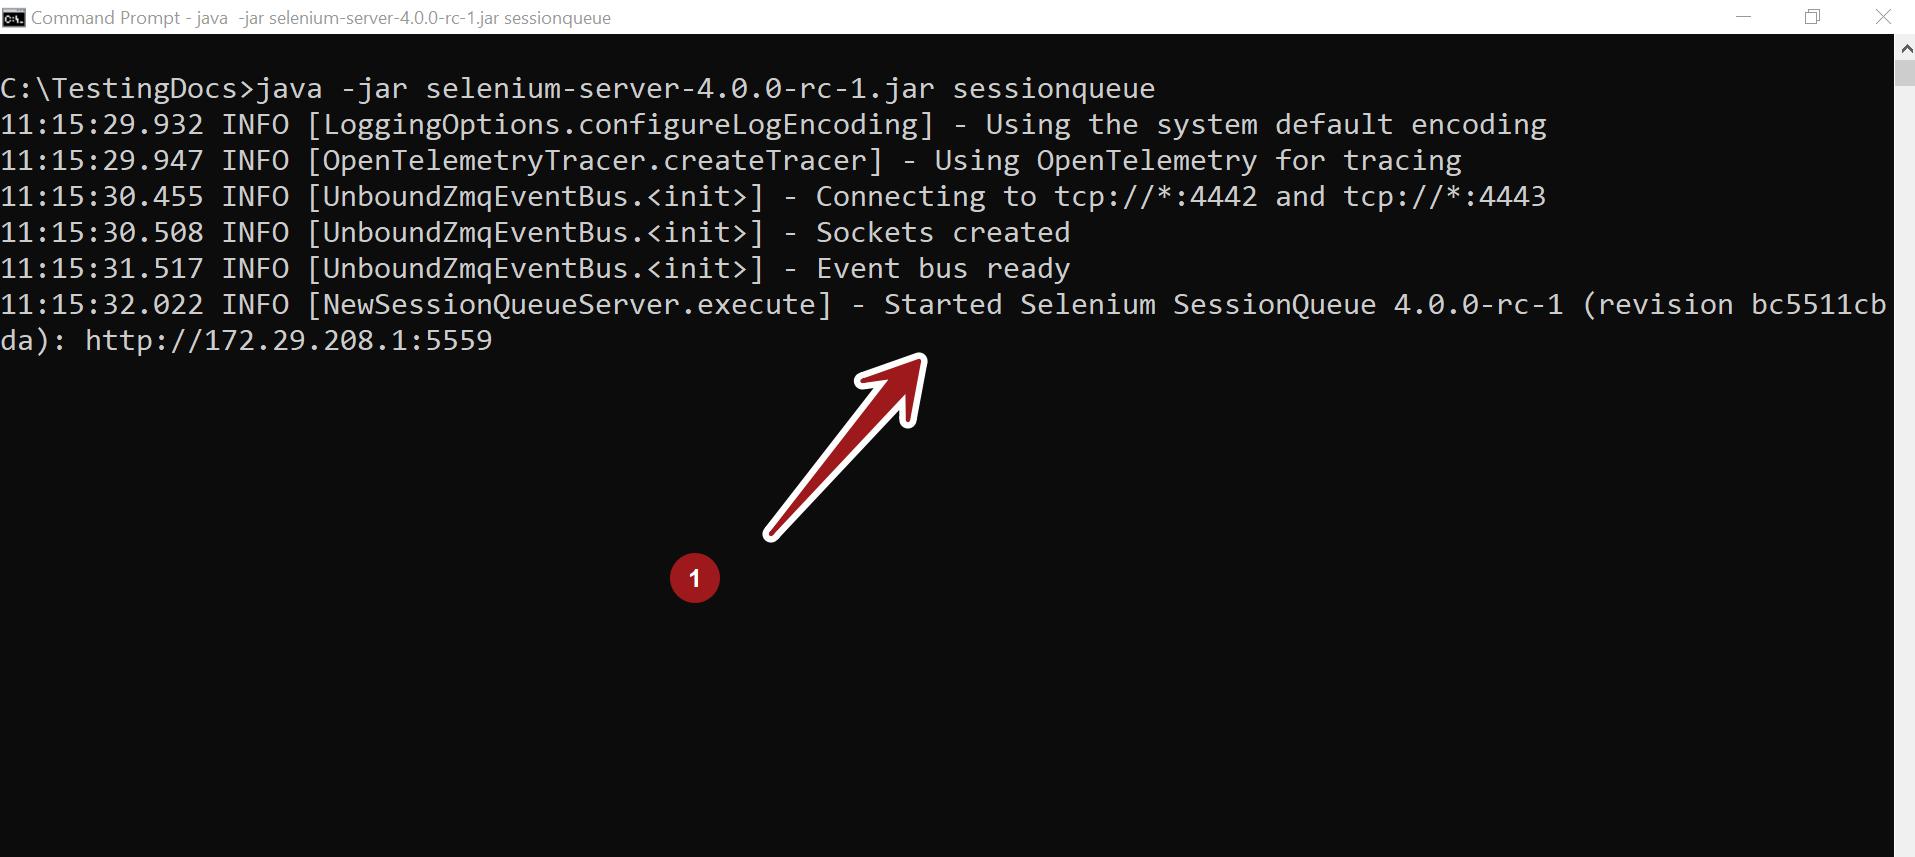 Selenium SessionQueue TestingDocs